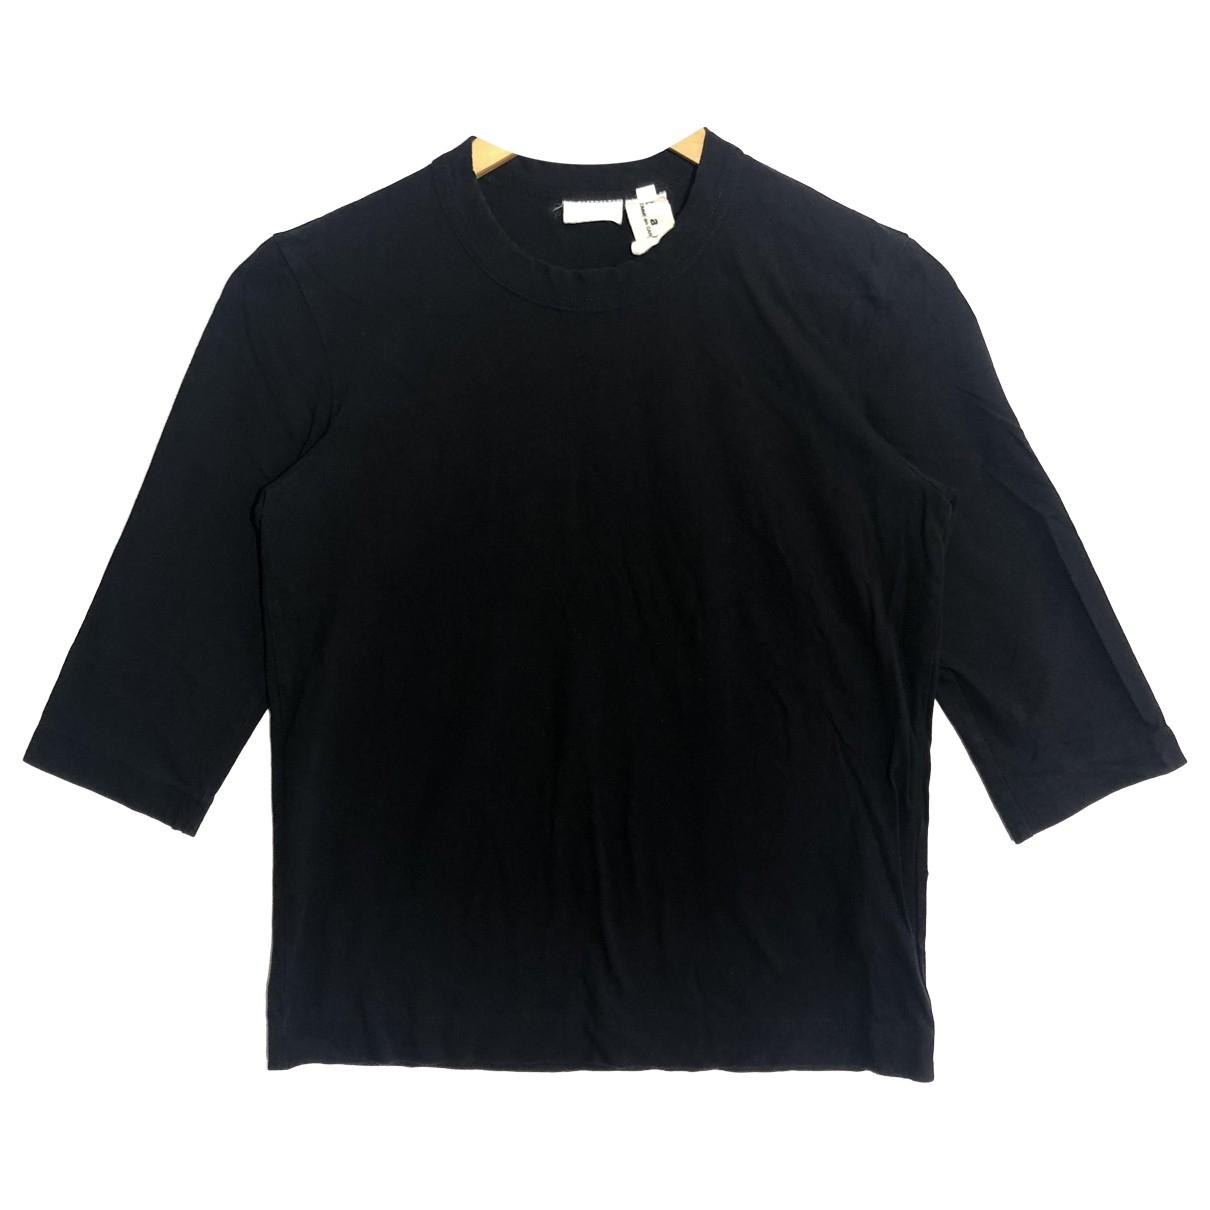 Comme Des Garcons \N Black Cotton  top for Women S International